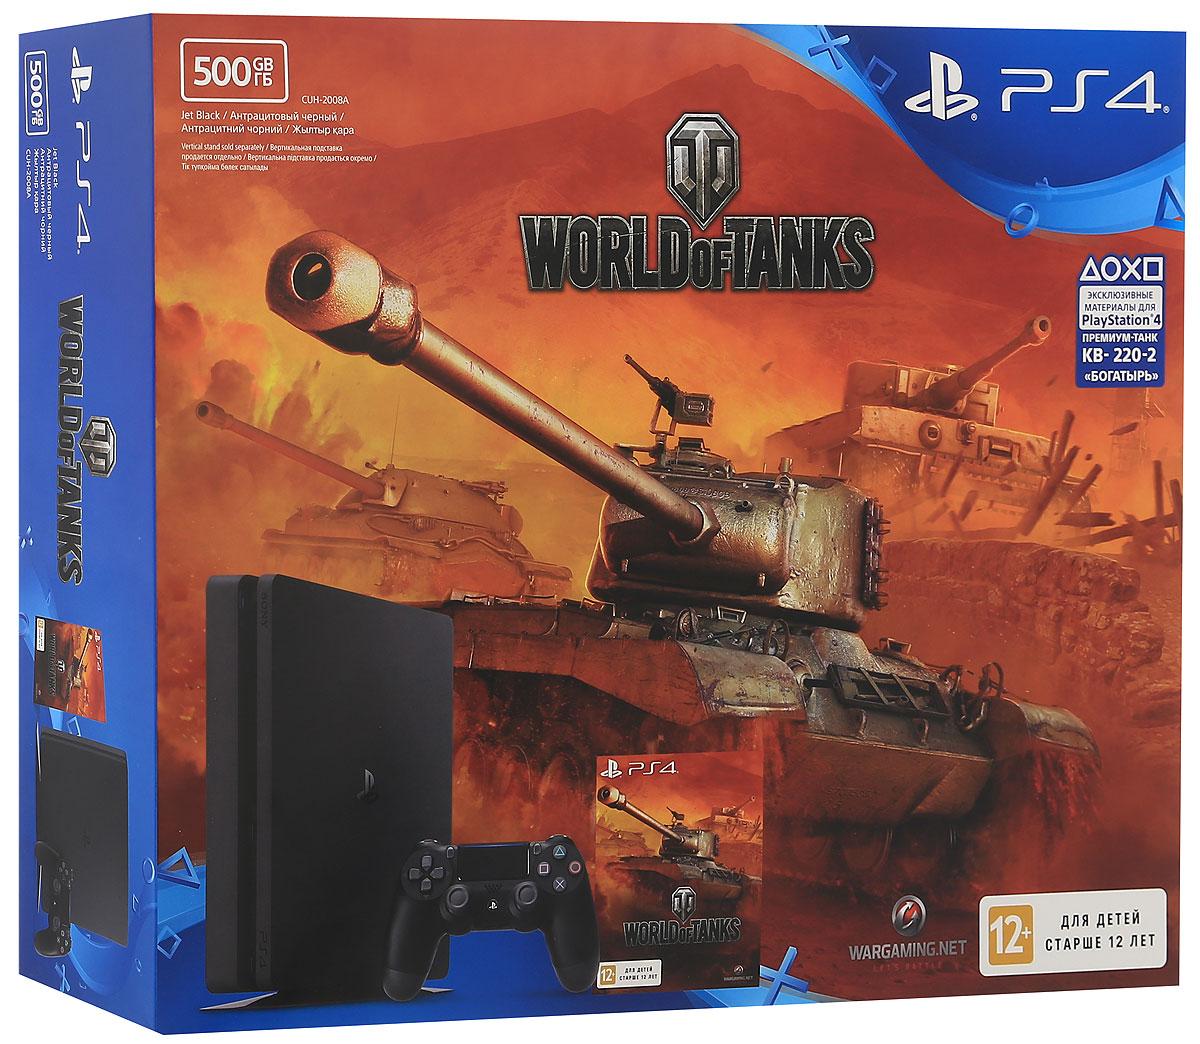 Игровая приставка Sony PlayStation 4 Slim (500 GB) + ваучер World of Tanks1CSC20002747Внутренняя архитектура для новой версии PS4 была полностью пересмотрена, в результате чего объем консоли уменьшился более чем на 30%, а вес - на 25% и 16%. Также новая версия PS4 более энергоэффективна, так как потребление энергии было снижено на 34% и 28% в сравнении с предыдущими моделями консоли.Новая версия PS4 унаследовала скошенный дизайн предыдущих версий. Фронтальная и тыльная части корпуса расположены под углом. Вершины корпуса срезаны и закруглены, создавая более легкий дизайн, импонирующий большинству аудитории. Новый простой дизайн с глянцевым логотипом PS в центре верхней грани консоли будет прекрасно смотреться вне зависимости от того, как вы разместите корпус.Заглядывая в будущее технологий визуализации, все консоли PS4, включая данную модель, будут поддерживать HDR (High Dynamic Range), что позволит воспроизводить светлые и темные сцены с помощью гораздо большего количества цветов. Владельцы телевизоров, поддерживающих HDR, смогут насладиться играми и другим развлекательным контентом с более реалистичным и живым изображением. В преддверии трехлетнего юбилея портфолио игр для PS4 стало еще привлекательнее и при этом продолжает пополняться наиболее ожидаемыми играми от сторонних разработчиков и издателей.Процессор: x86-64 AMD Jaguar, 8 ядерВидеочип: 1.84 TFLOPS, графическое ядро AMD RadeonПамять: GDDR5, 8 ГБПривод BD/ DVDРазъемы: USB 3.1x2, aux, RJ-45, HDMIСетевые возможности: Ethernet (10BASE-T, 100BASE-TX, 1000BASE-T), IEEE 802.11 a/b/g/n/ac, Bluetooth v4.0Энергопотребление: 165 Вт